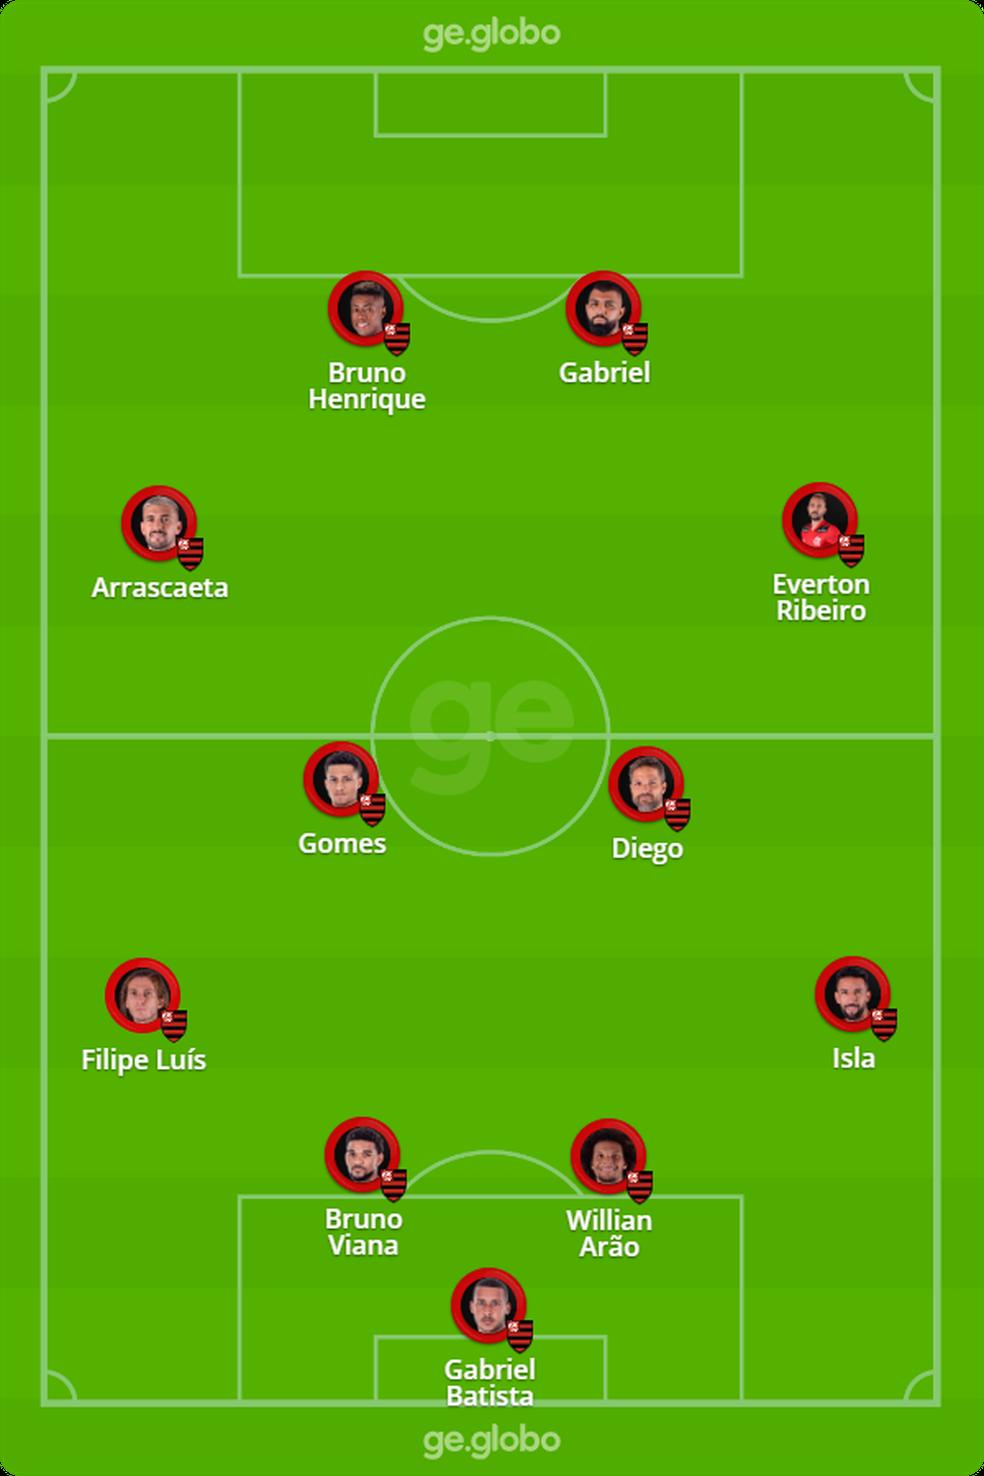 Provável escalação do Flamengo para enfrentar o Unión La Calera — Foto: ge